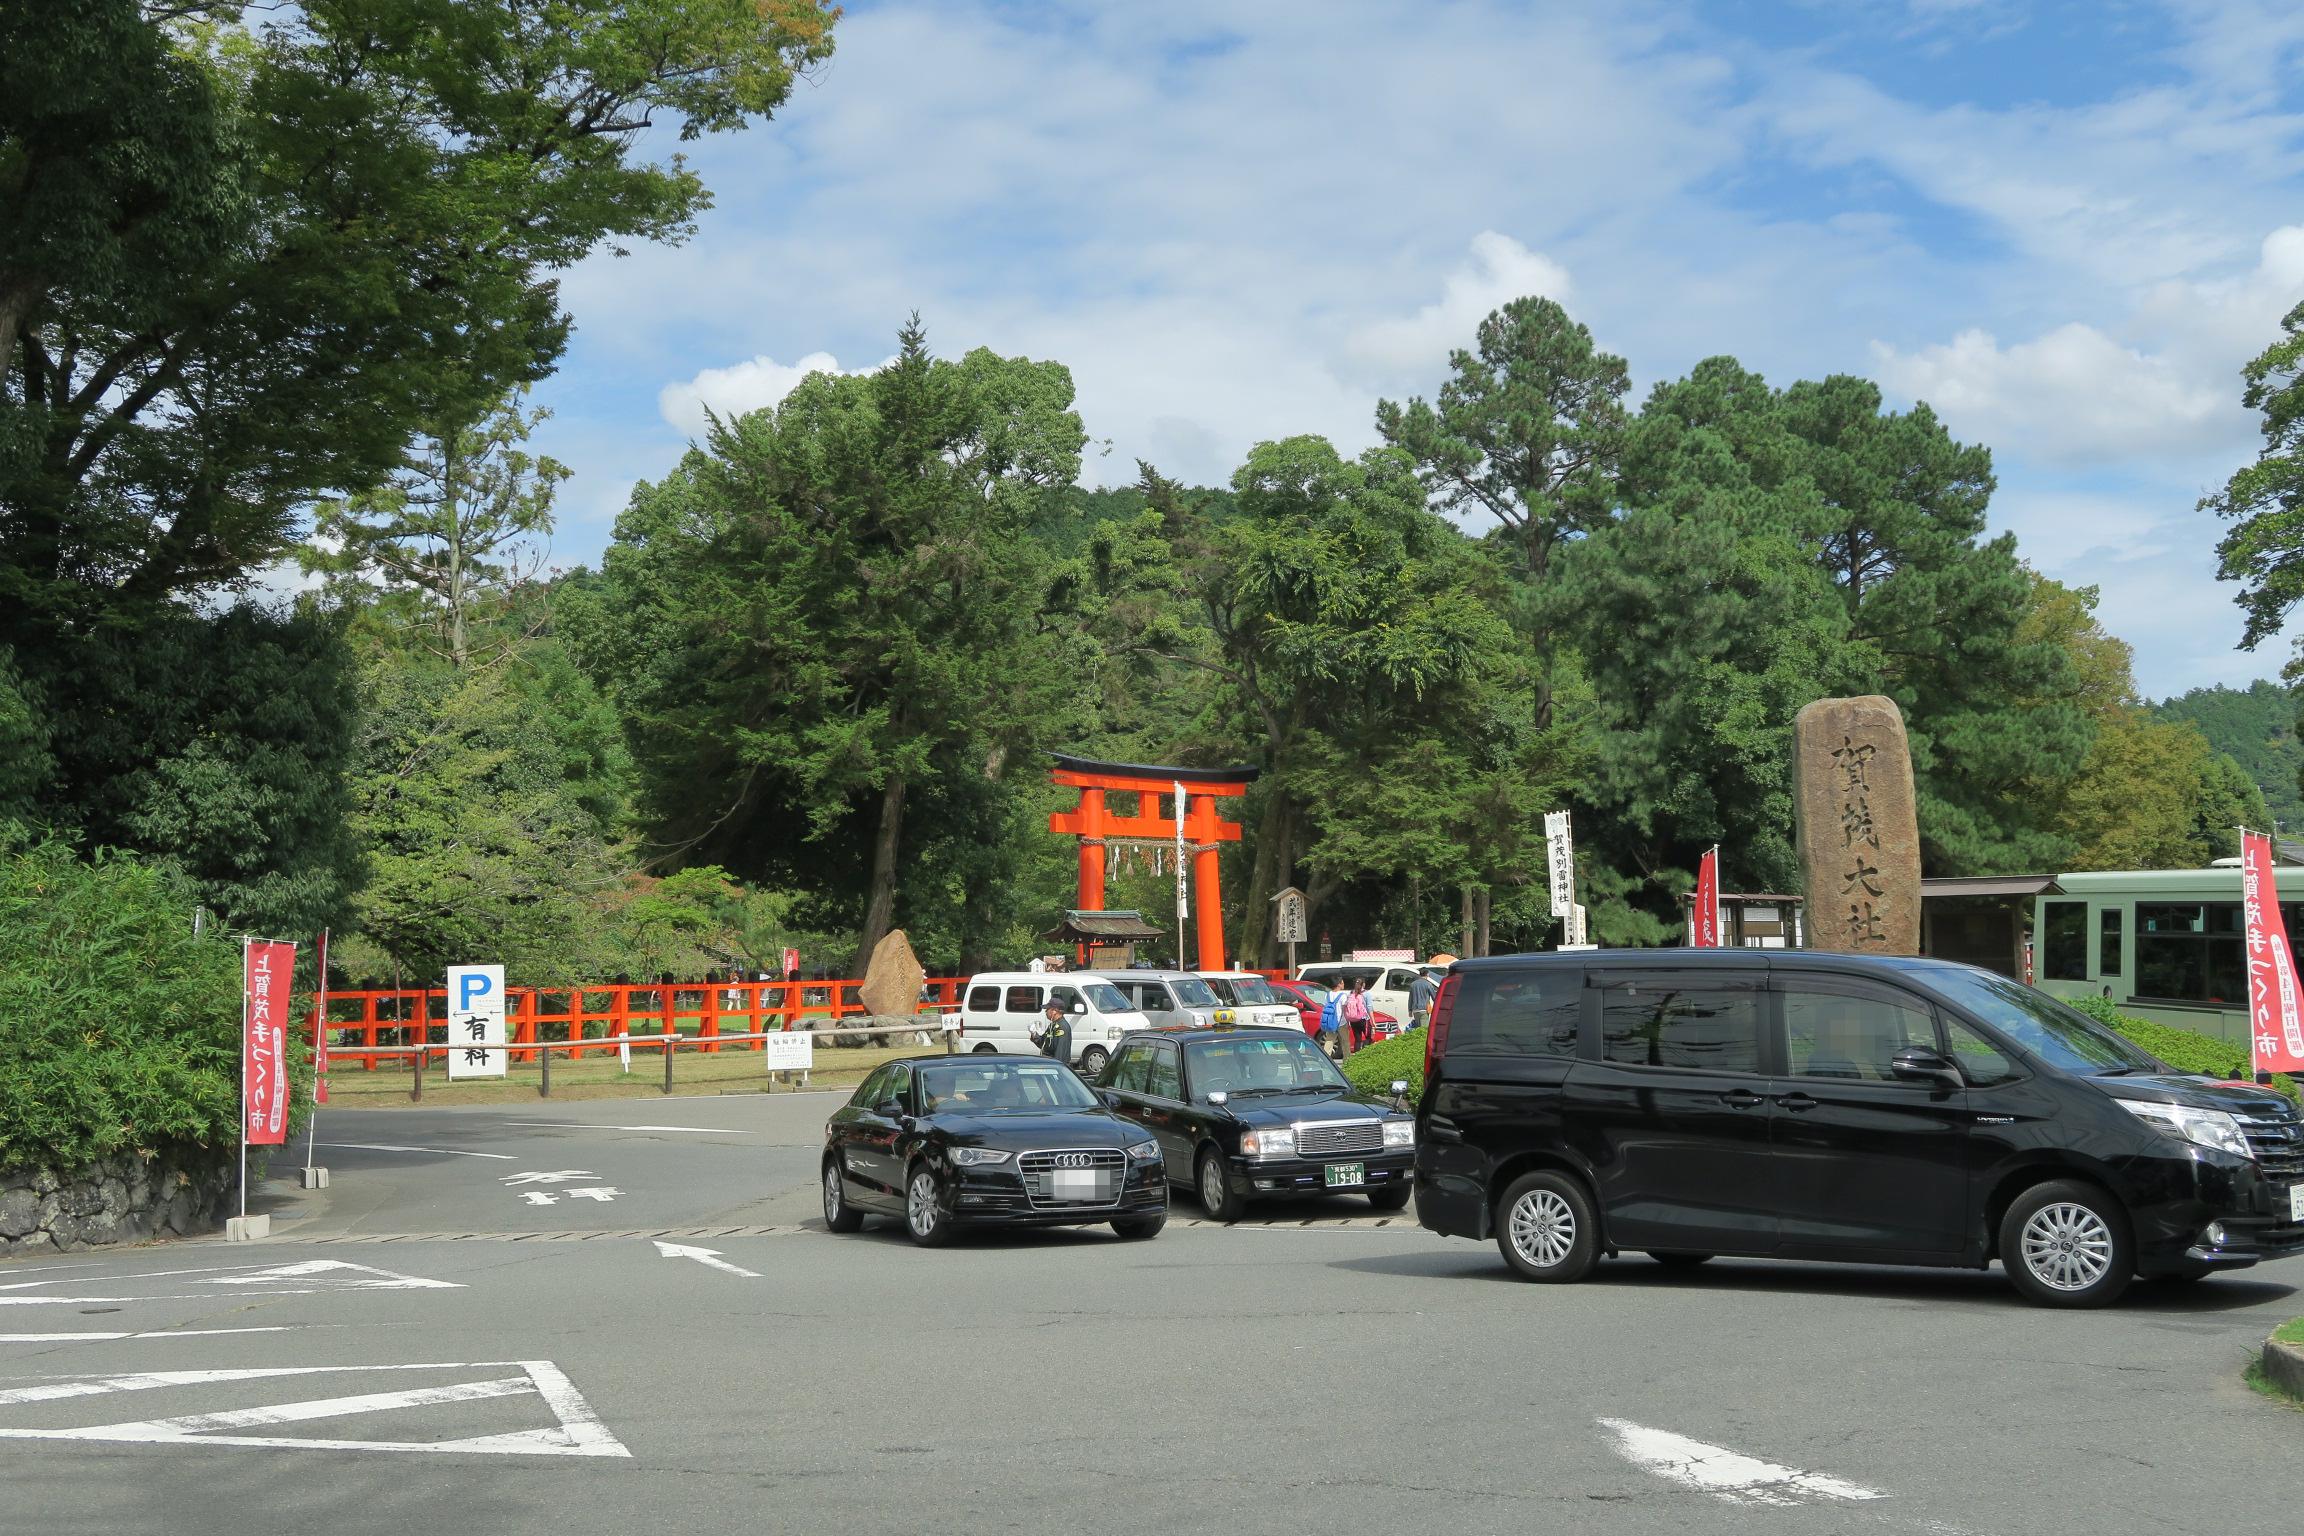 上賀茂神社。鳥居の奥が「手つくり市」の会場。初めてで会場がわからず、神社横の道を歩いてしましました。